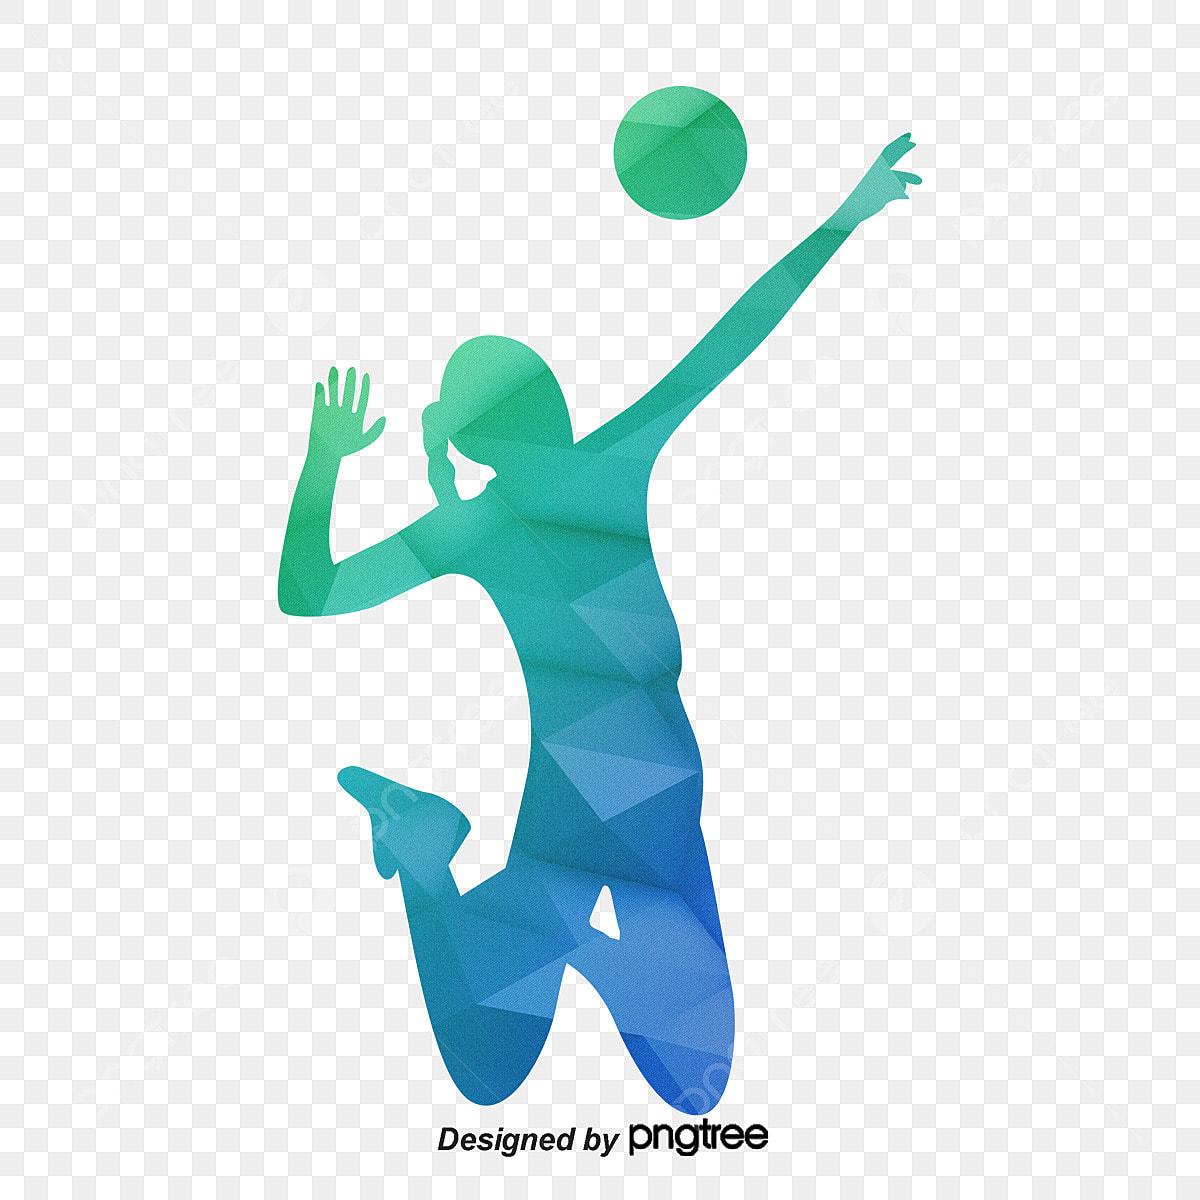 Gambar Wanita Bermain Tampar Tampar Bermain Bola Voli Pergerakan Png Dan Psd Untuk Muat Turun Percuma